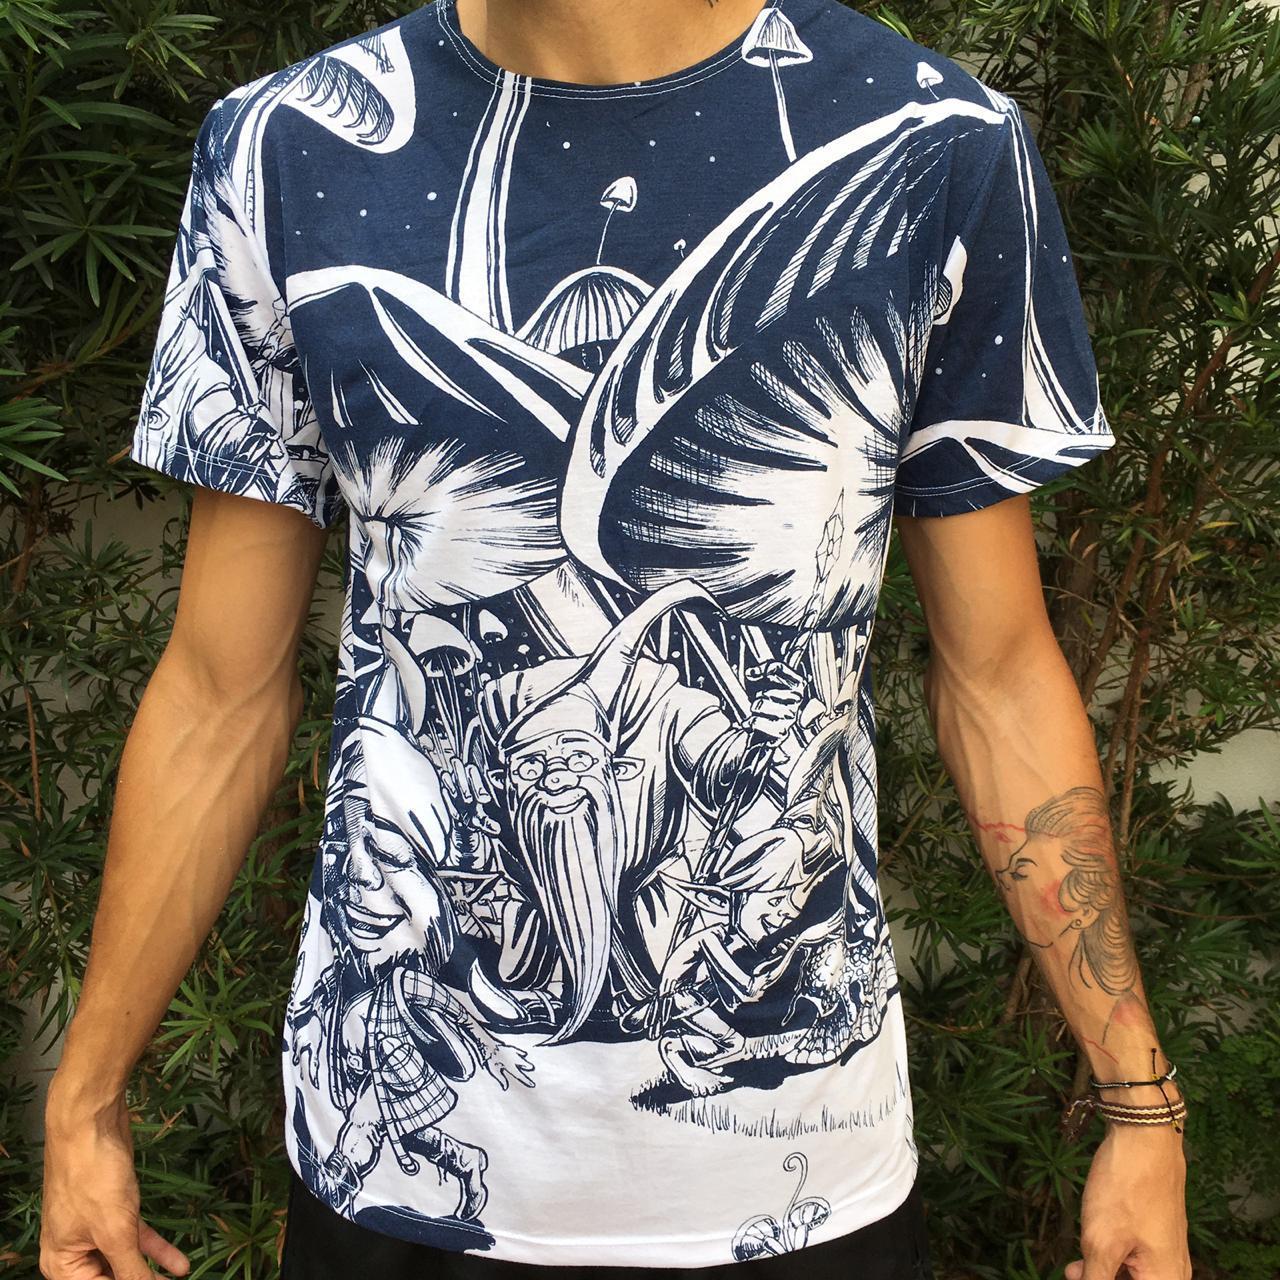 Camiseta estampada de duendes